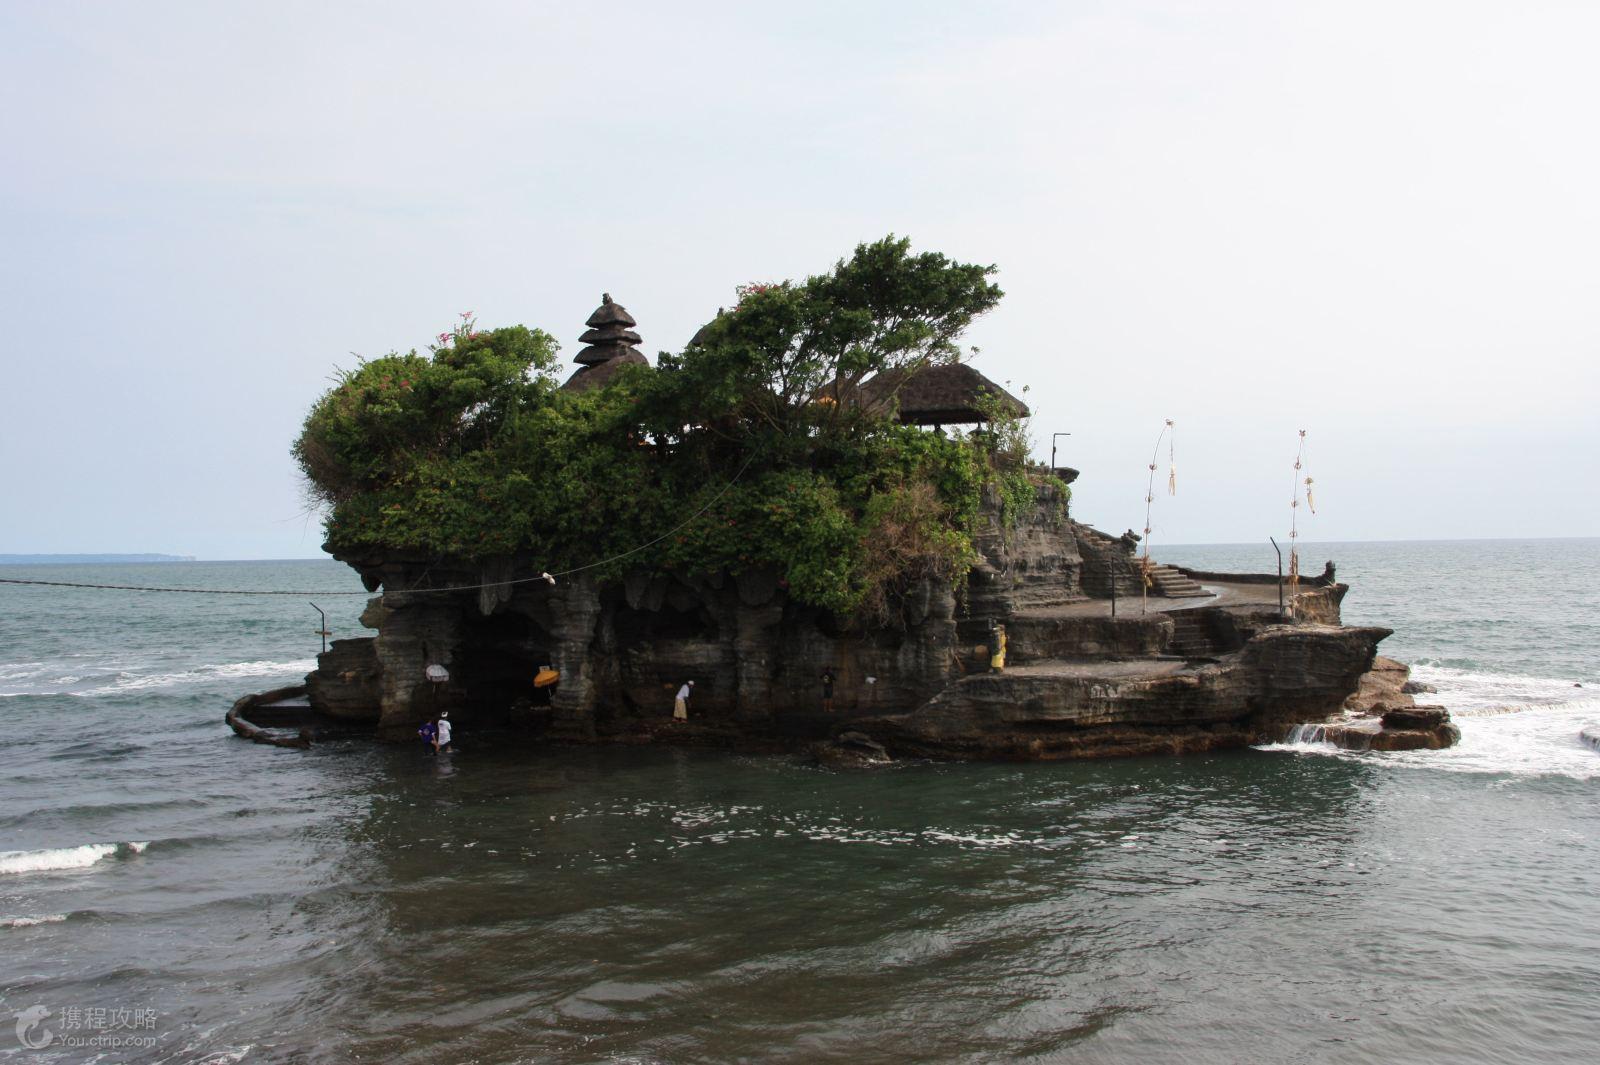 印度尼西亚巴厘岛6日5晚跟团游·5晚海边当地五星